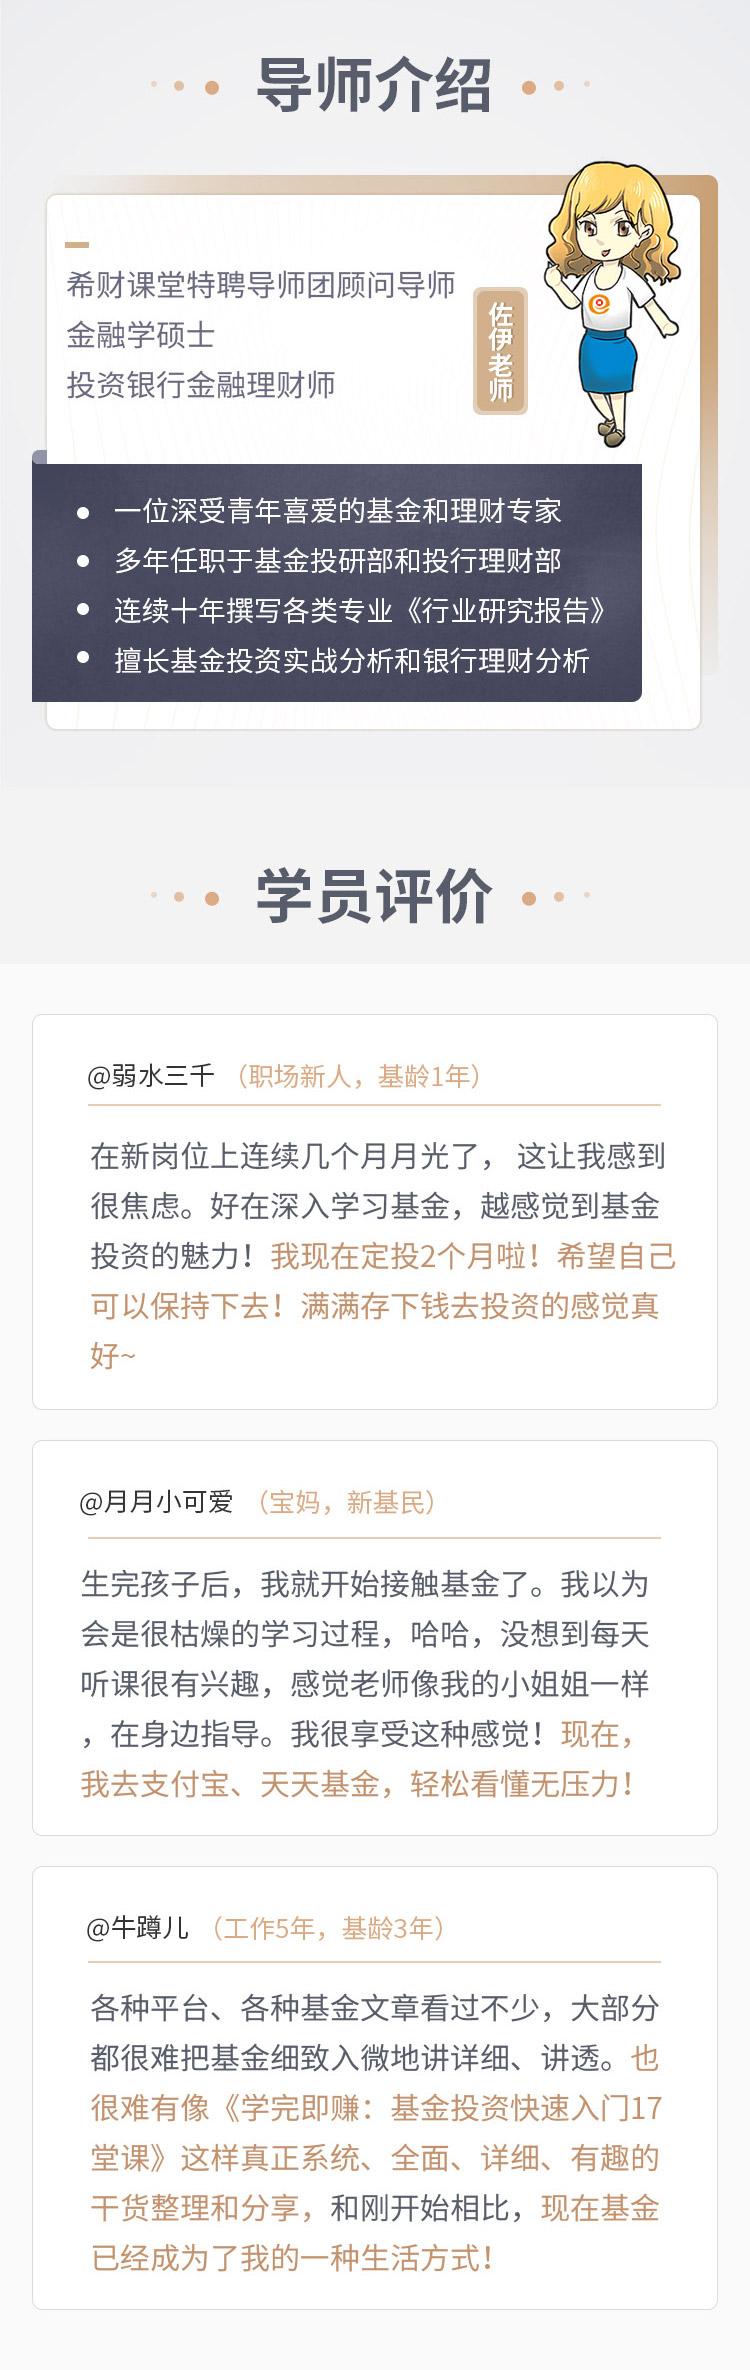 基金理财(改-11-18号)_05.jpg